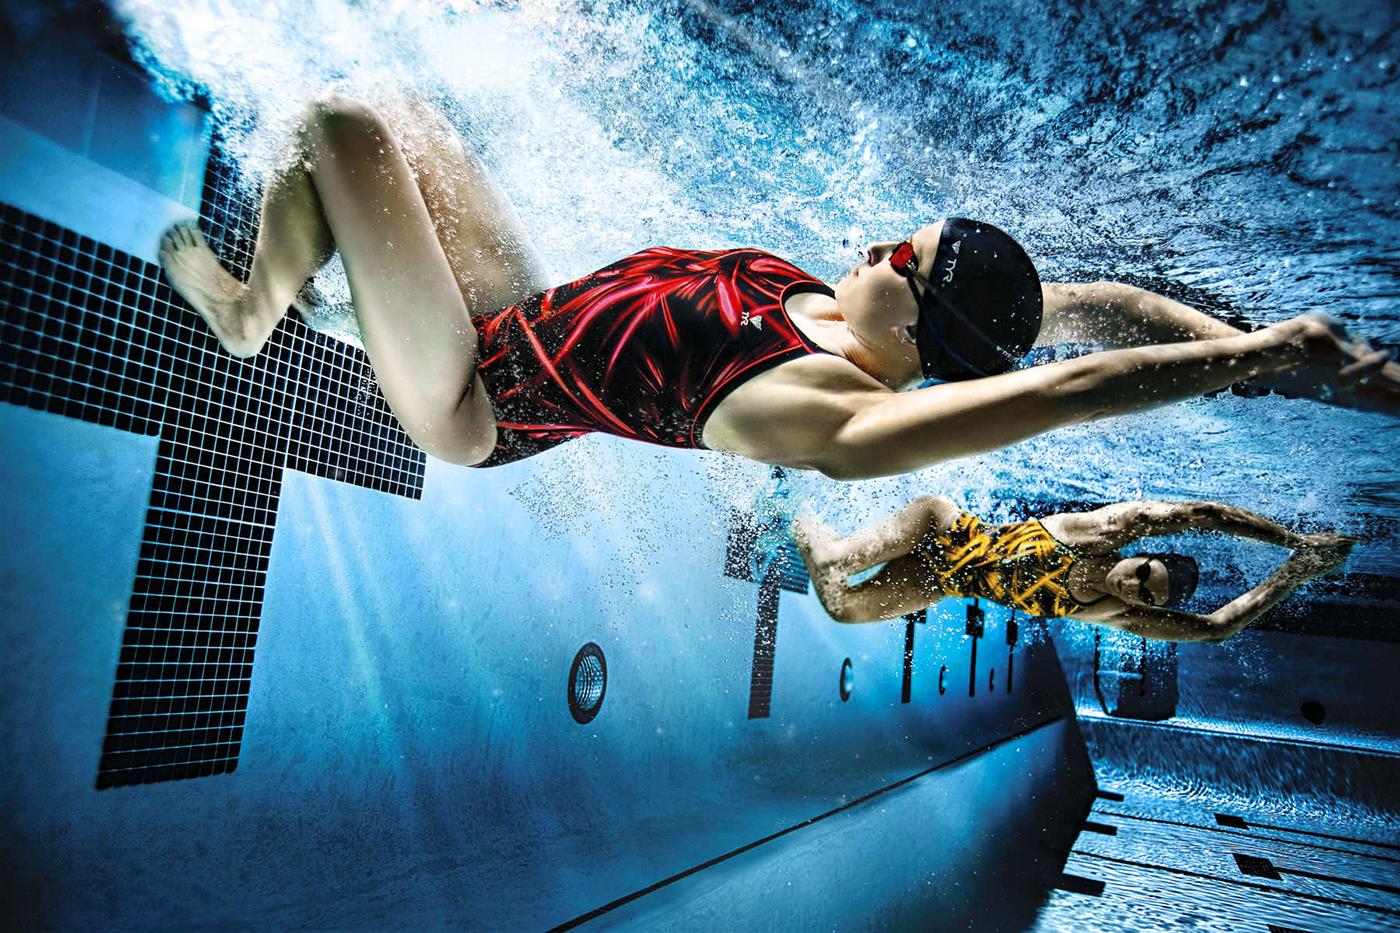 underwater swim swimming swimwear Olympics